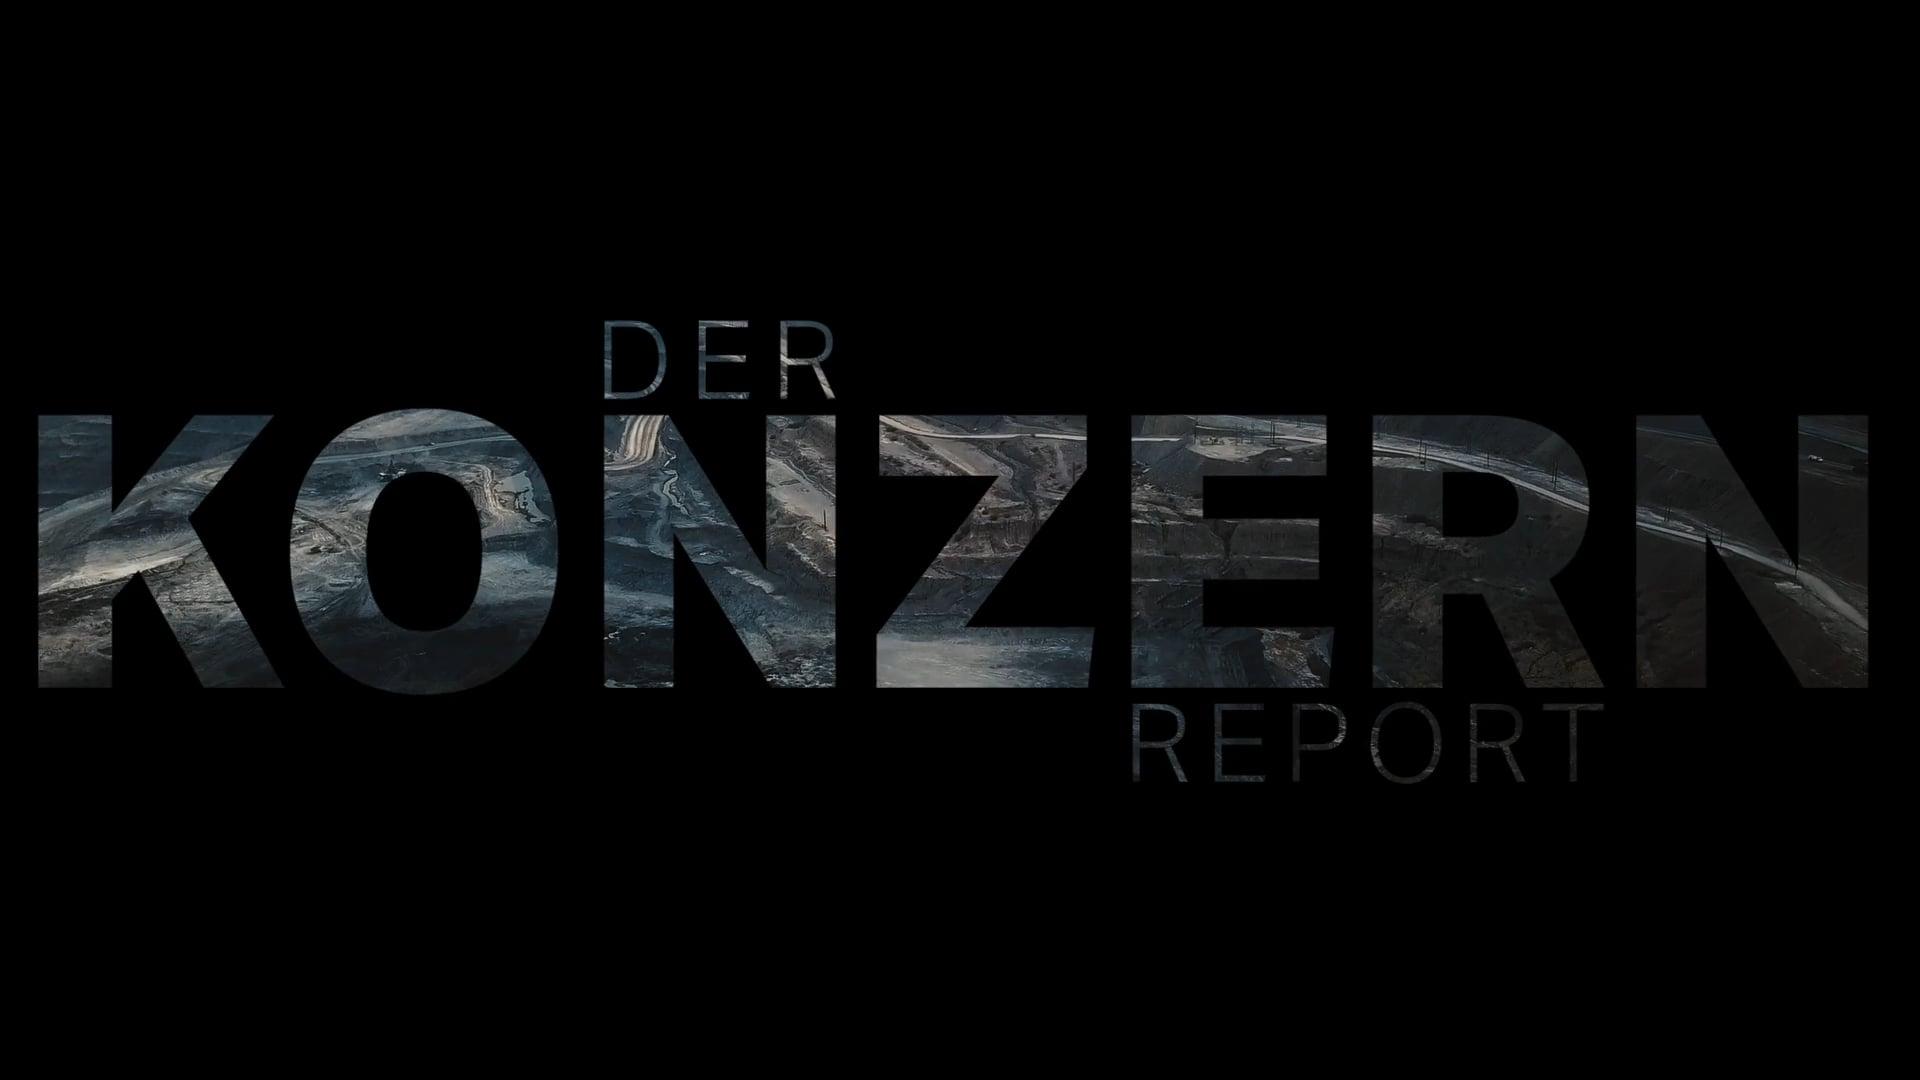 Der Konzern Report